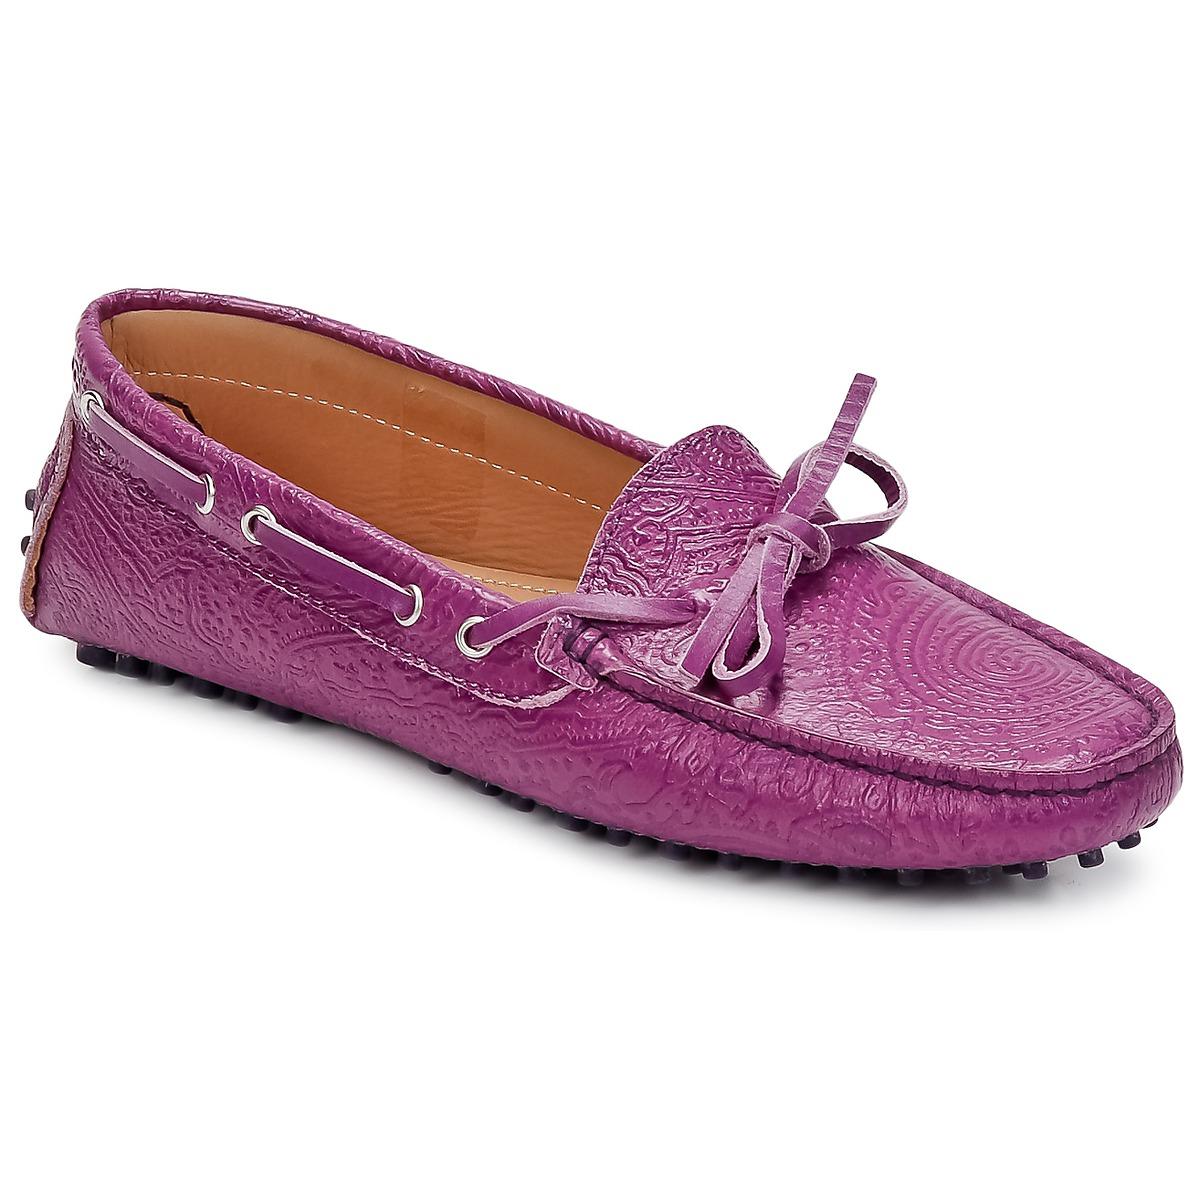 Etro MOCASSIN 3773 Violett - Kostenloser Versand bei Spartoode ! - Schuhe Slipper Damen 189,50 €